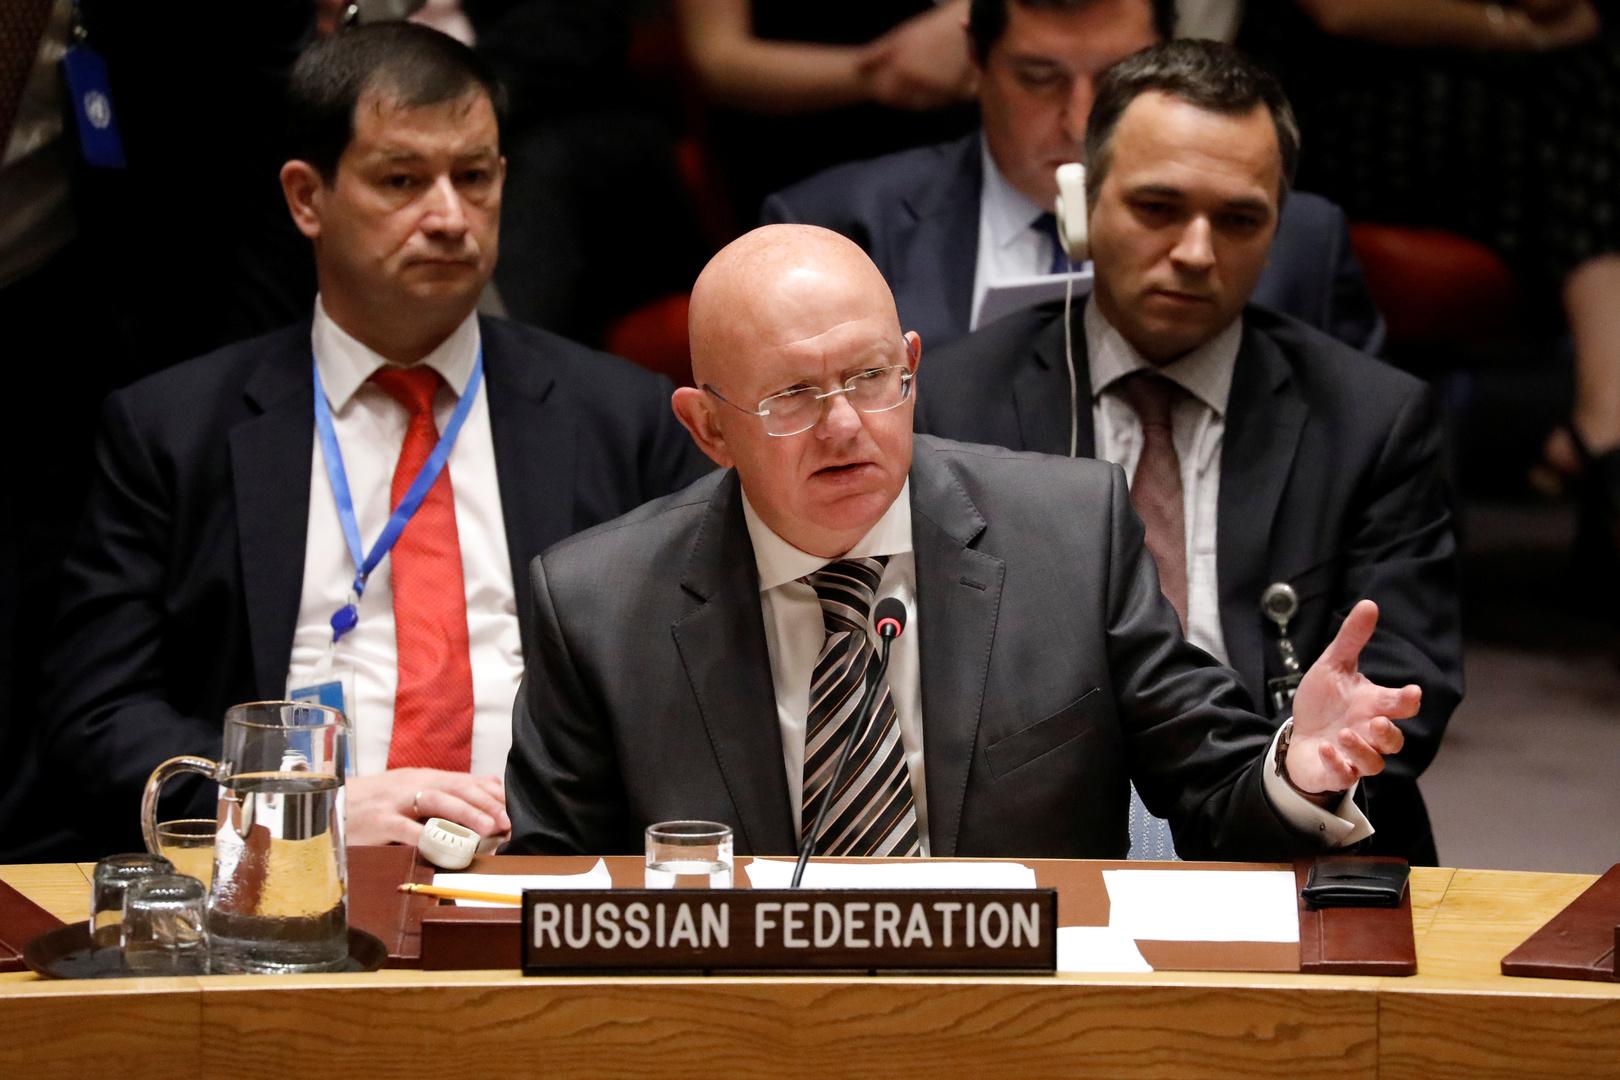 موسكو: لا نرى بديلا لتجاوز الخلافات بشأن سد النهضة إلا من خلال التفاوض